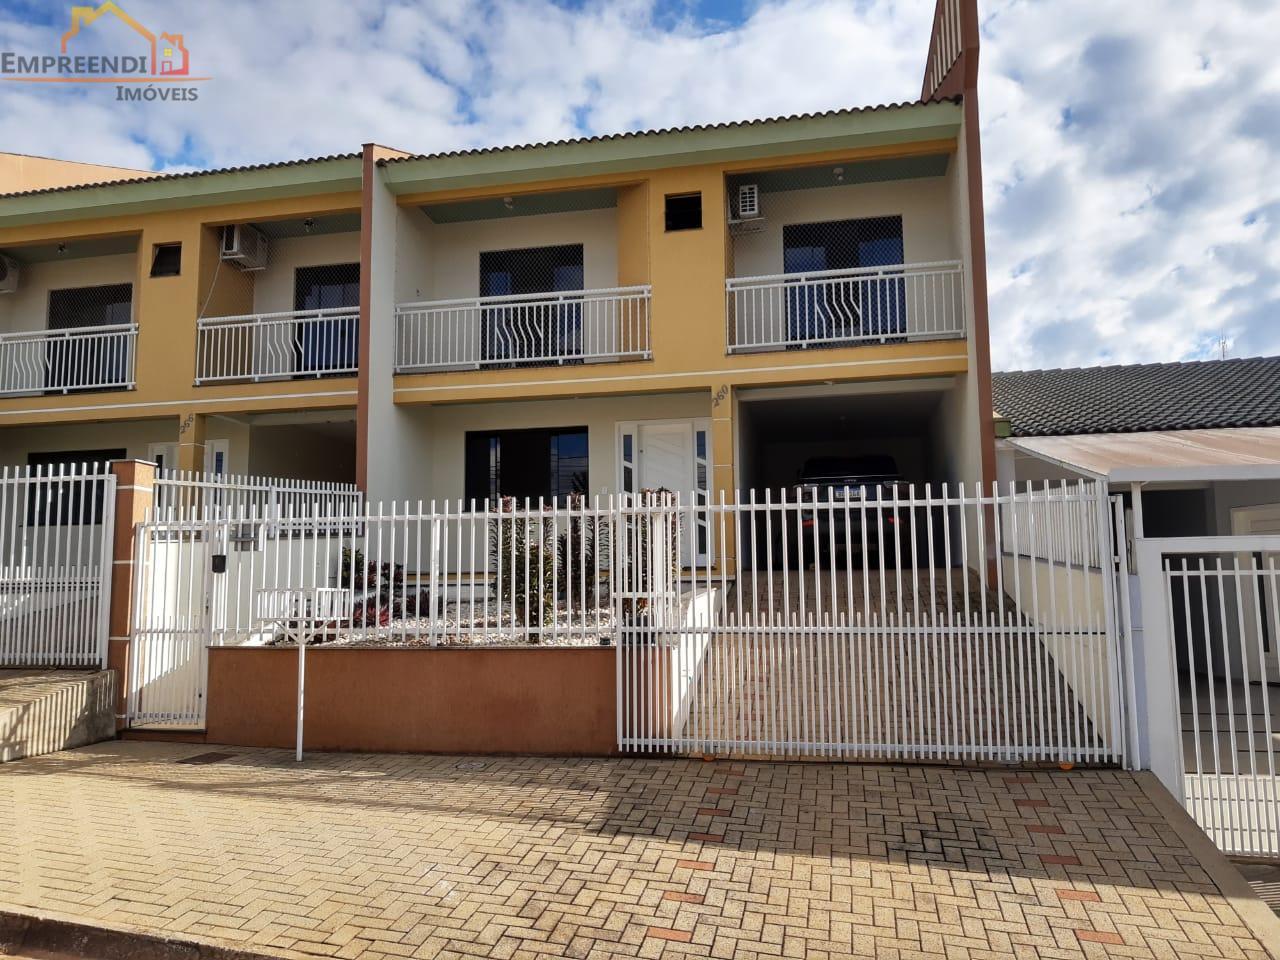 Sobrado com 4 dormitórios à venda, MENINO DEUS, PATO BRANCO - PR